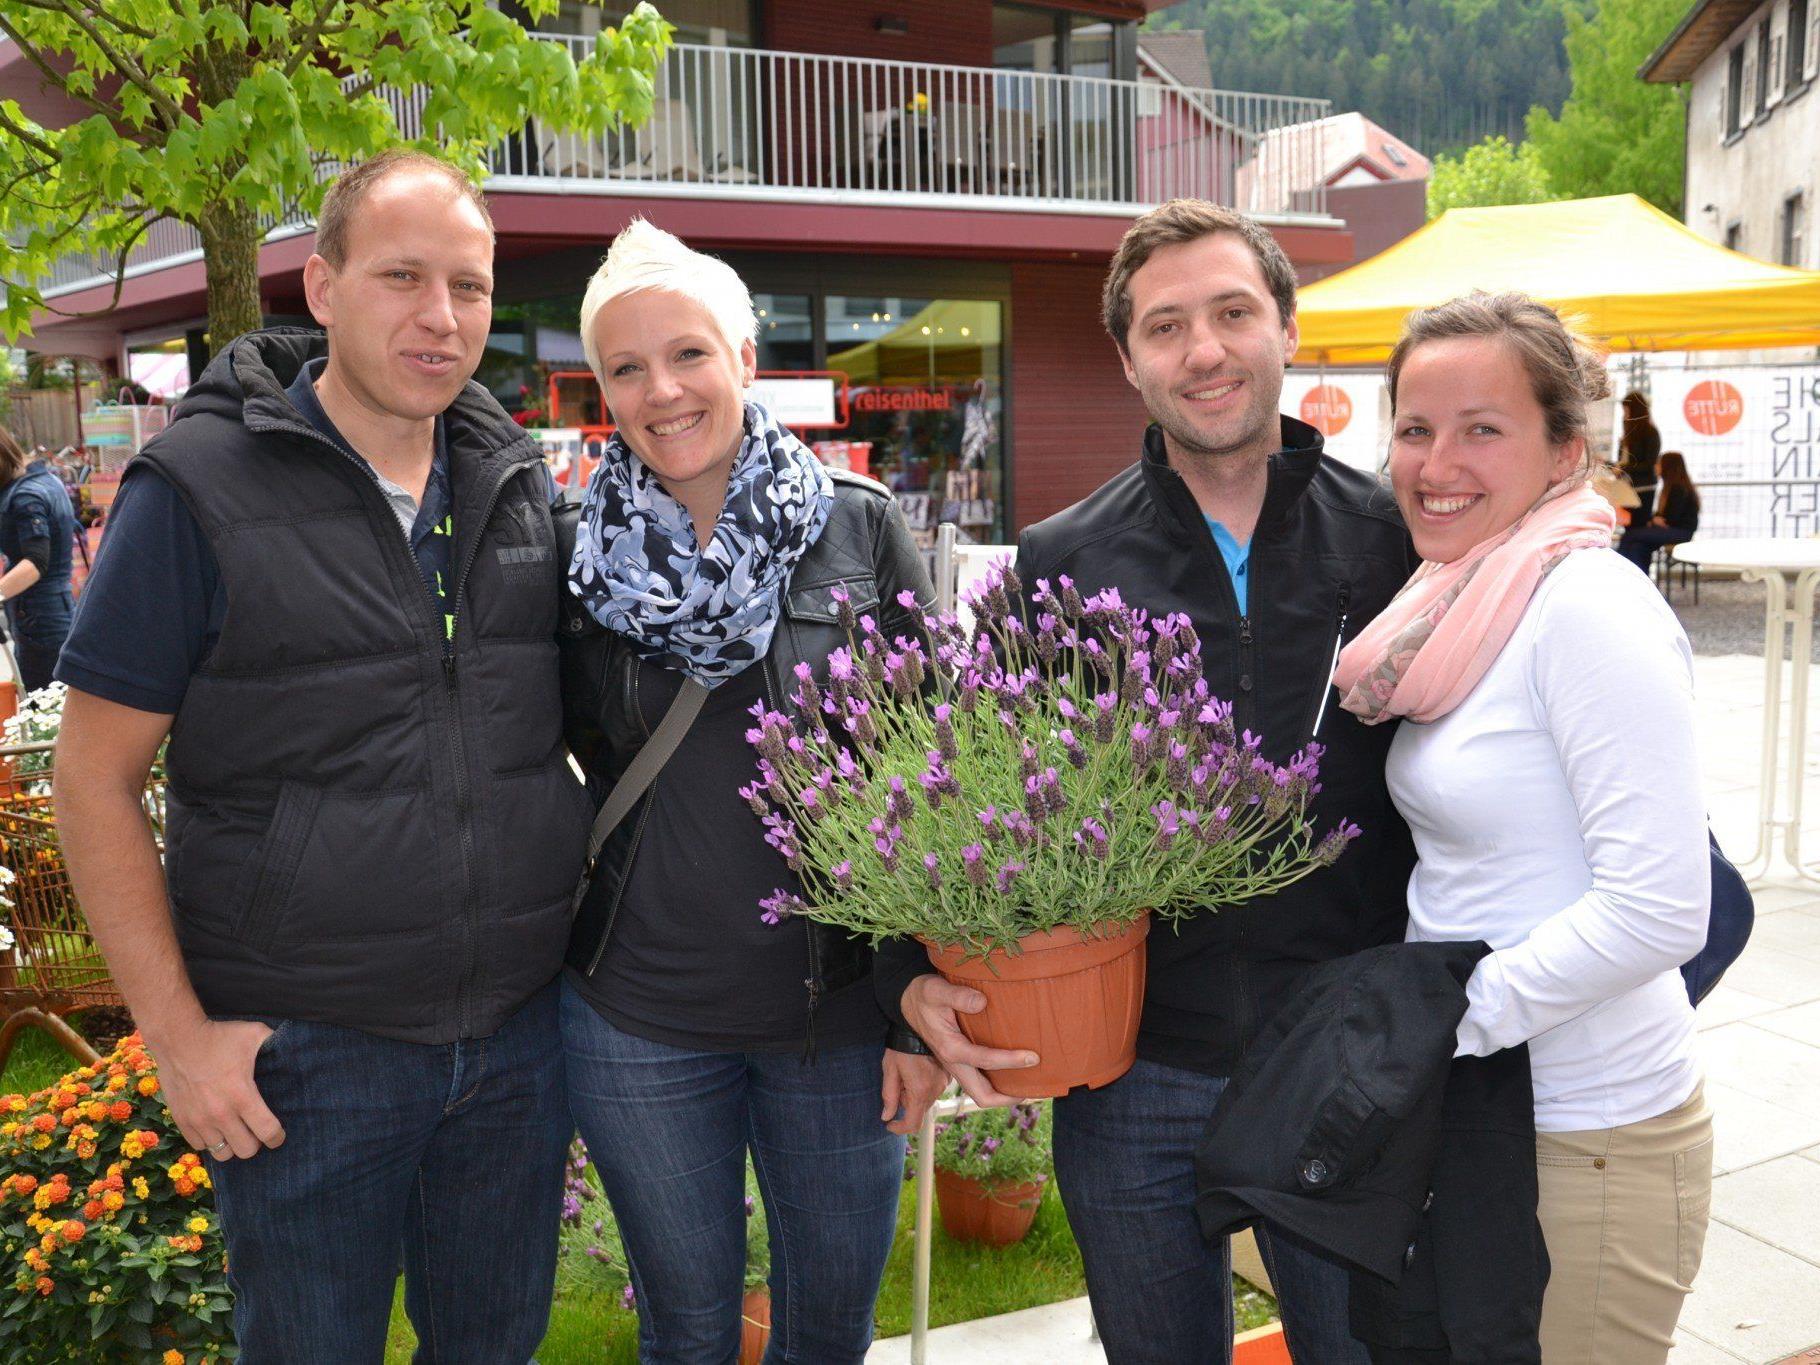 (v.l.) Alexander und Lisi Bell und Richard und Bettina Waibel genossen die tolle Stimmung auf dem Muttertagsmarkt in Götzis